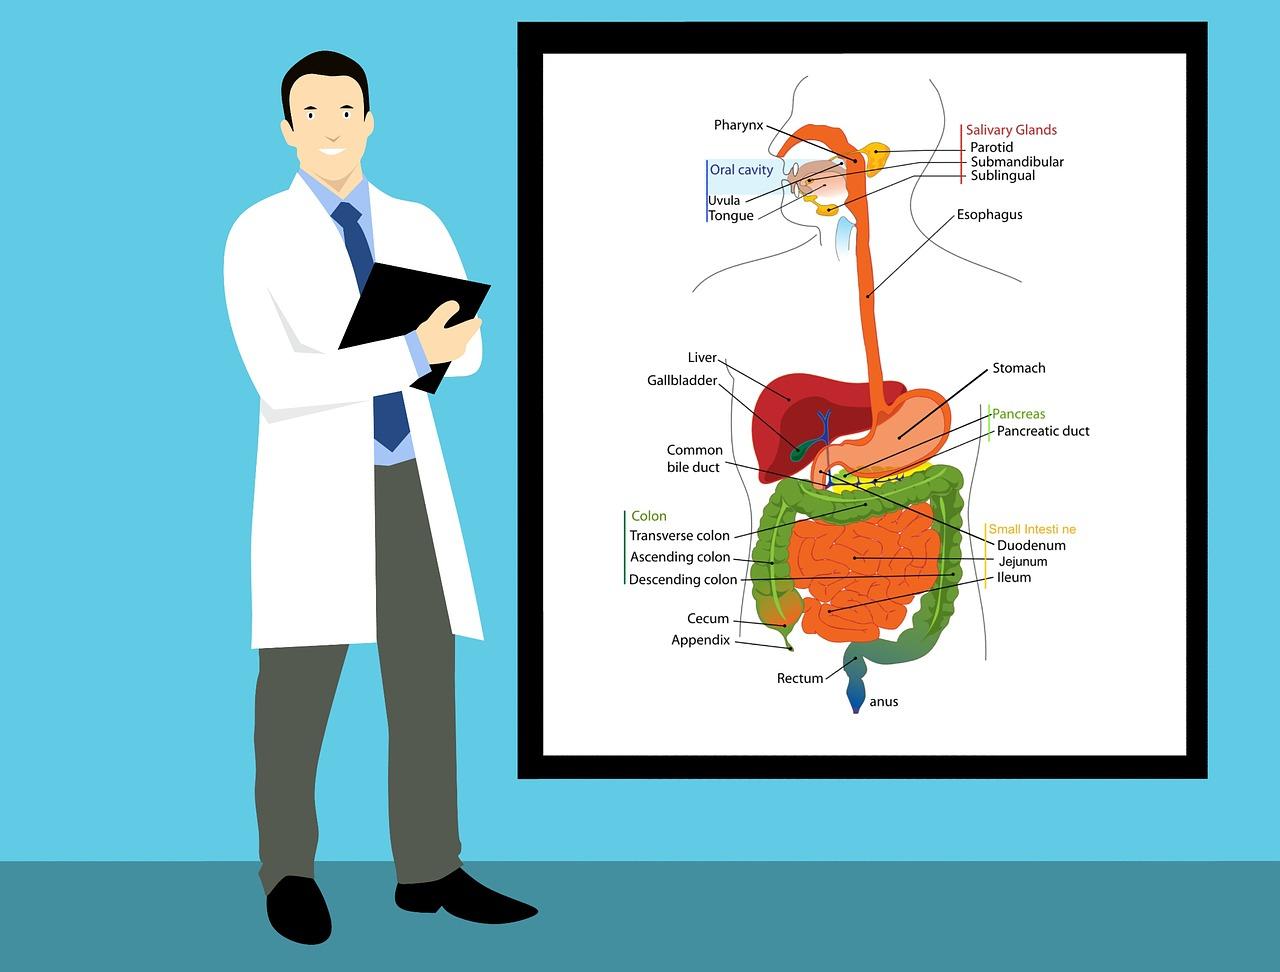 <腎臓内科医直筆>多発性嚢胞腎(ADPKD)についてまとめました。